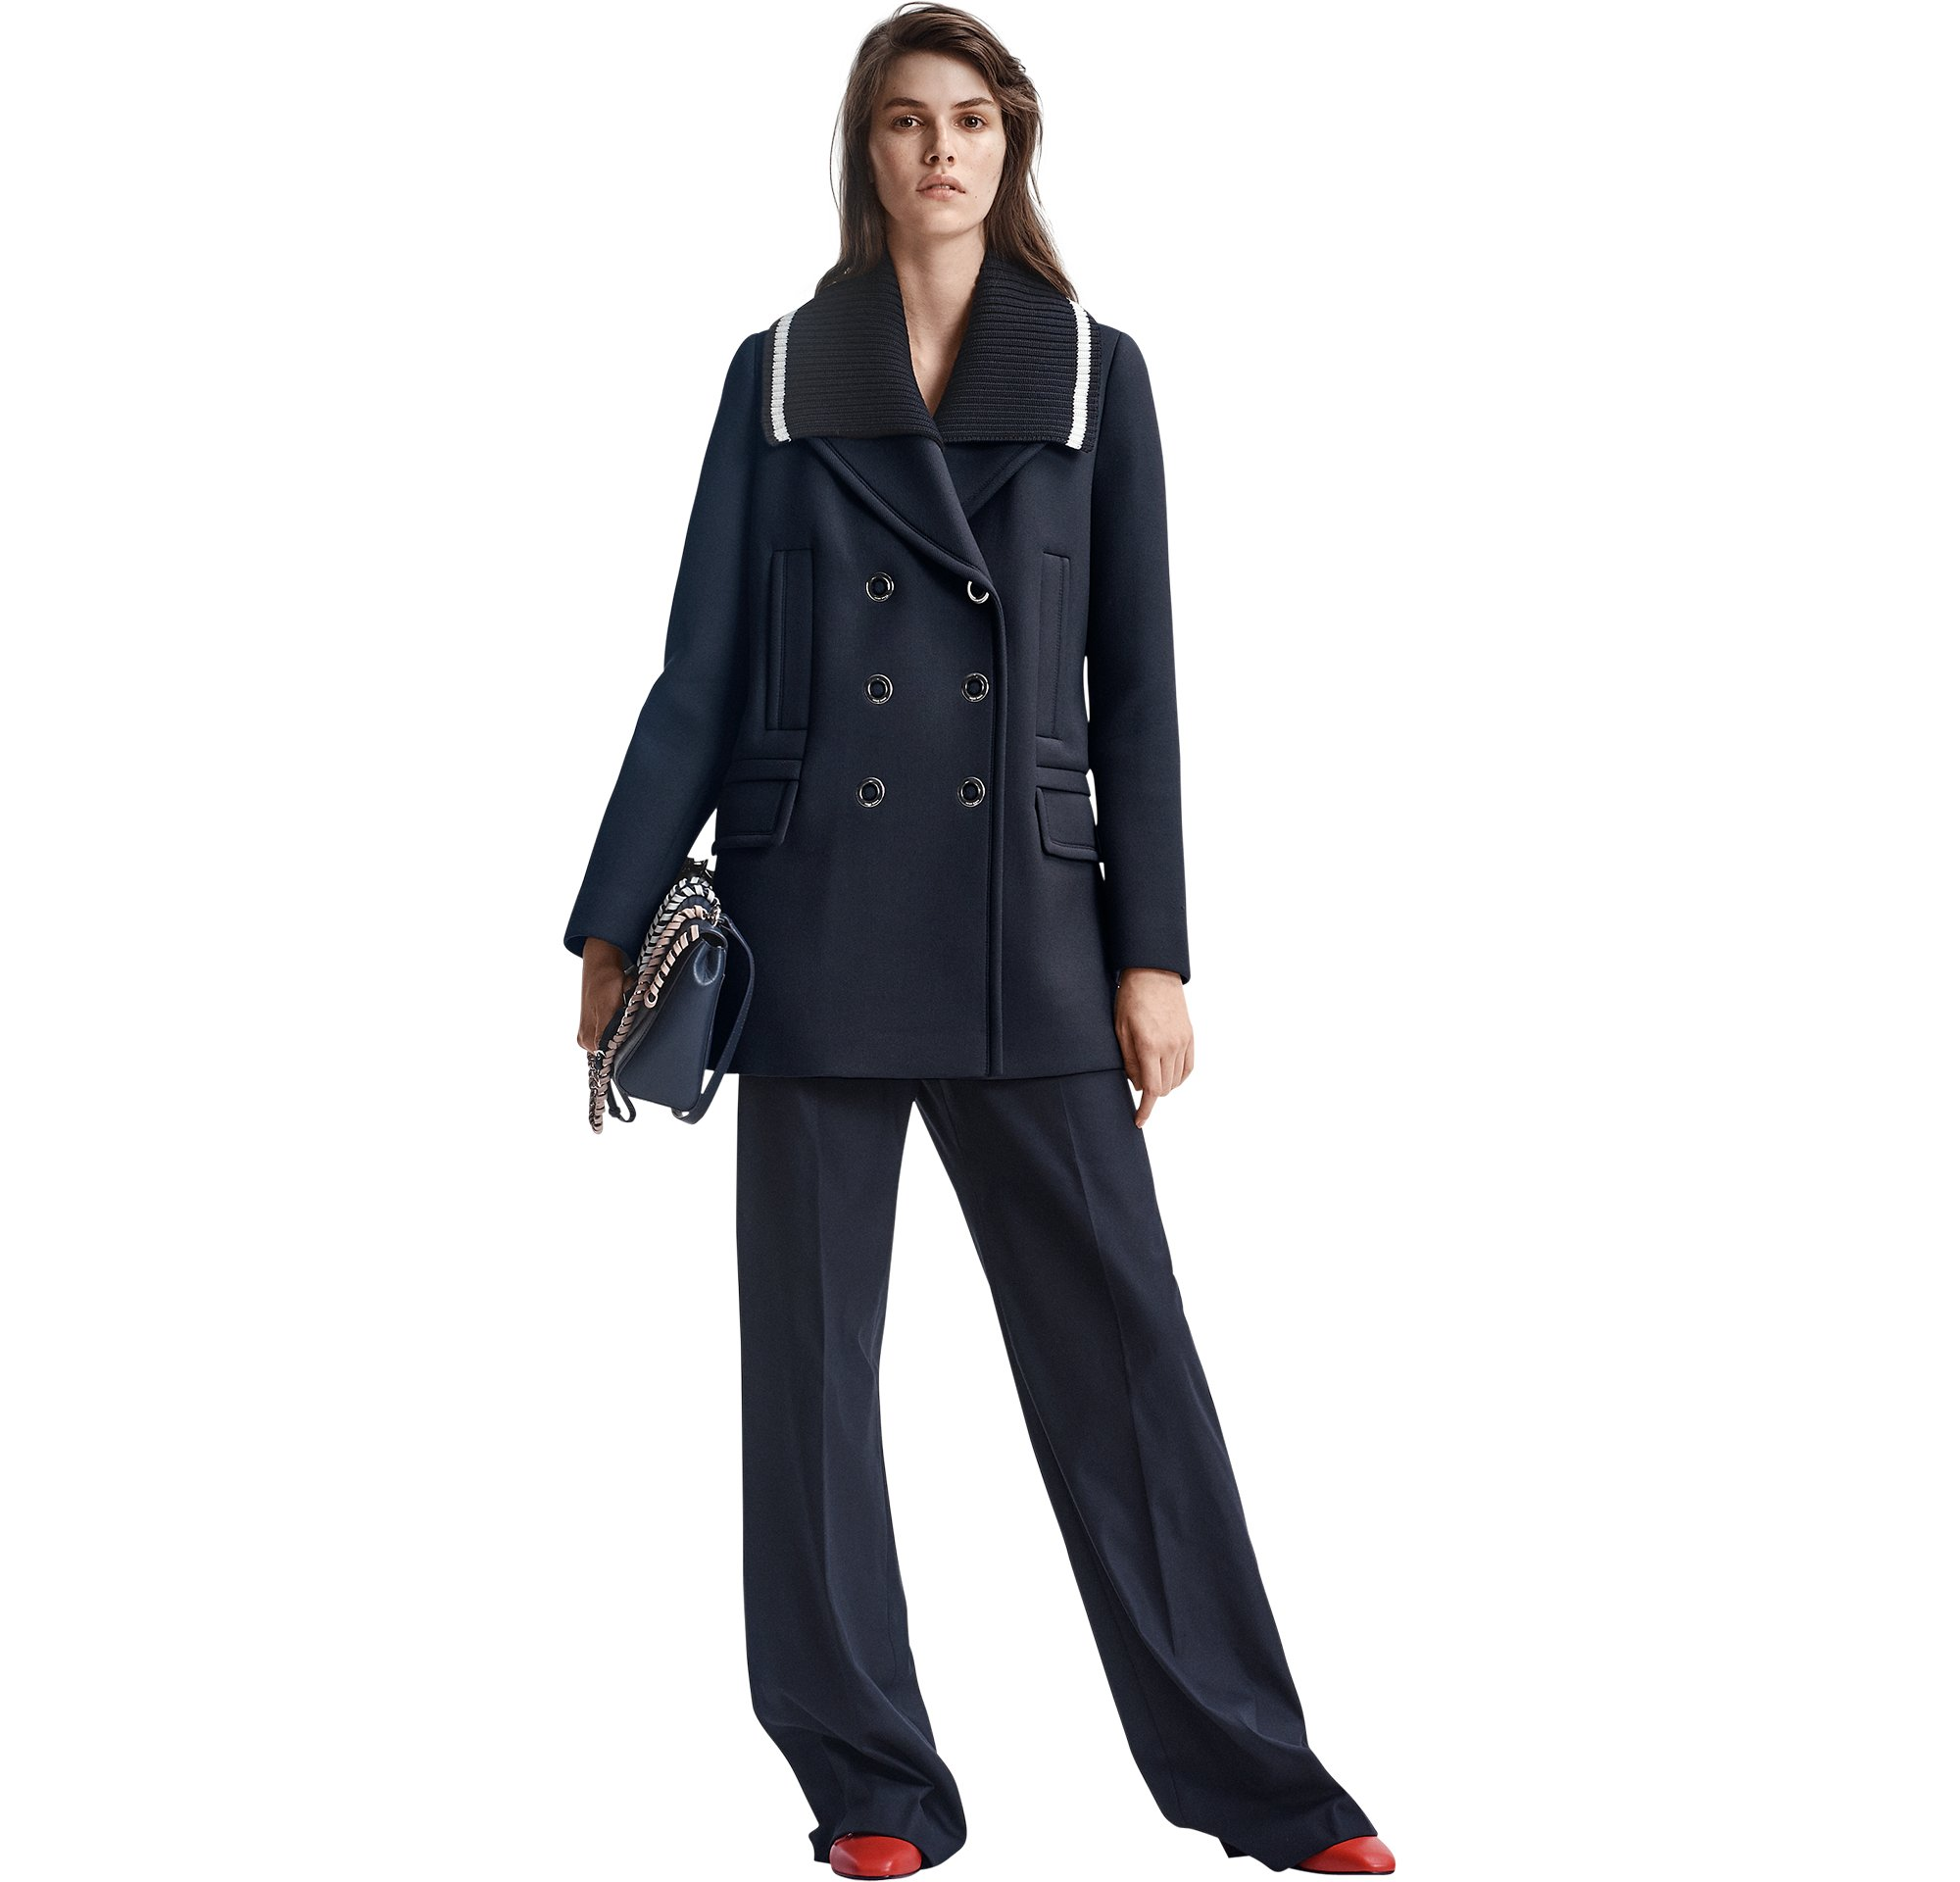 Dame mit blauer Jacke, blauer Hose und roten Schuhen von BOSS Womenswear